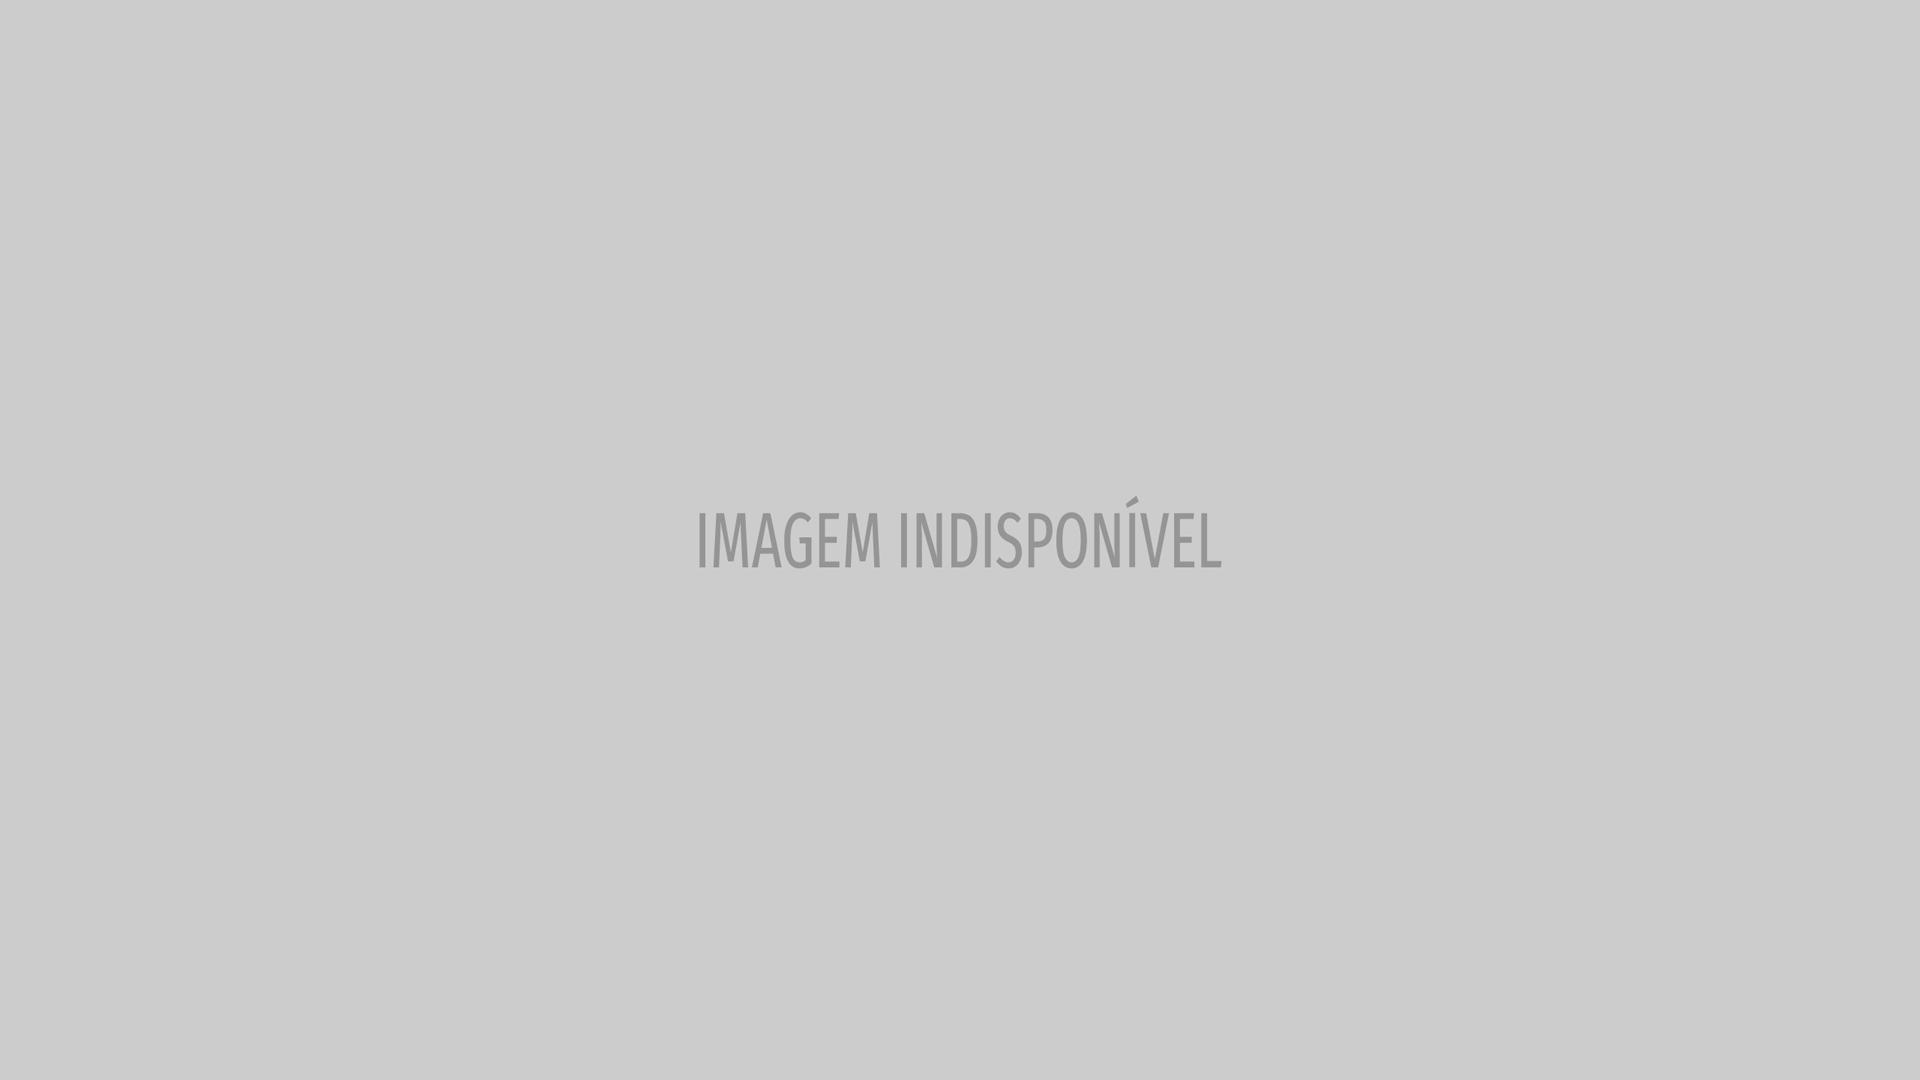 Mara se abana com notas de R$ 100: 'Enquanto invejosos falam mal'